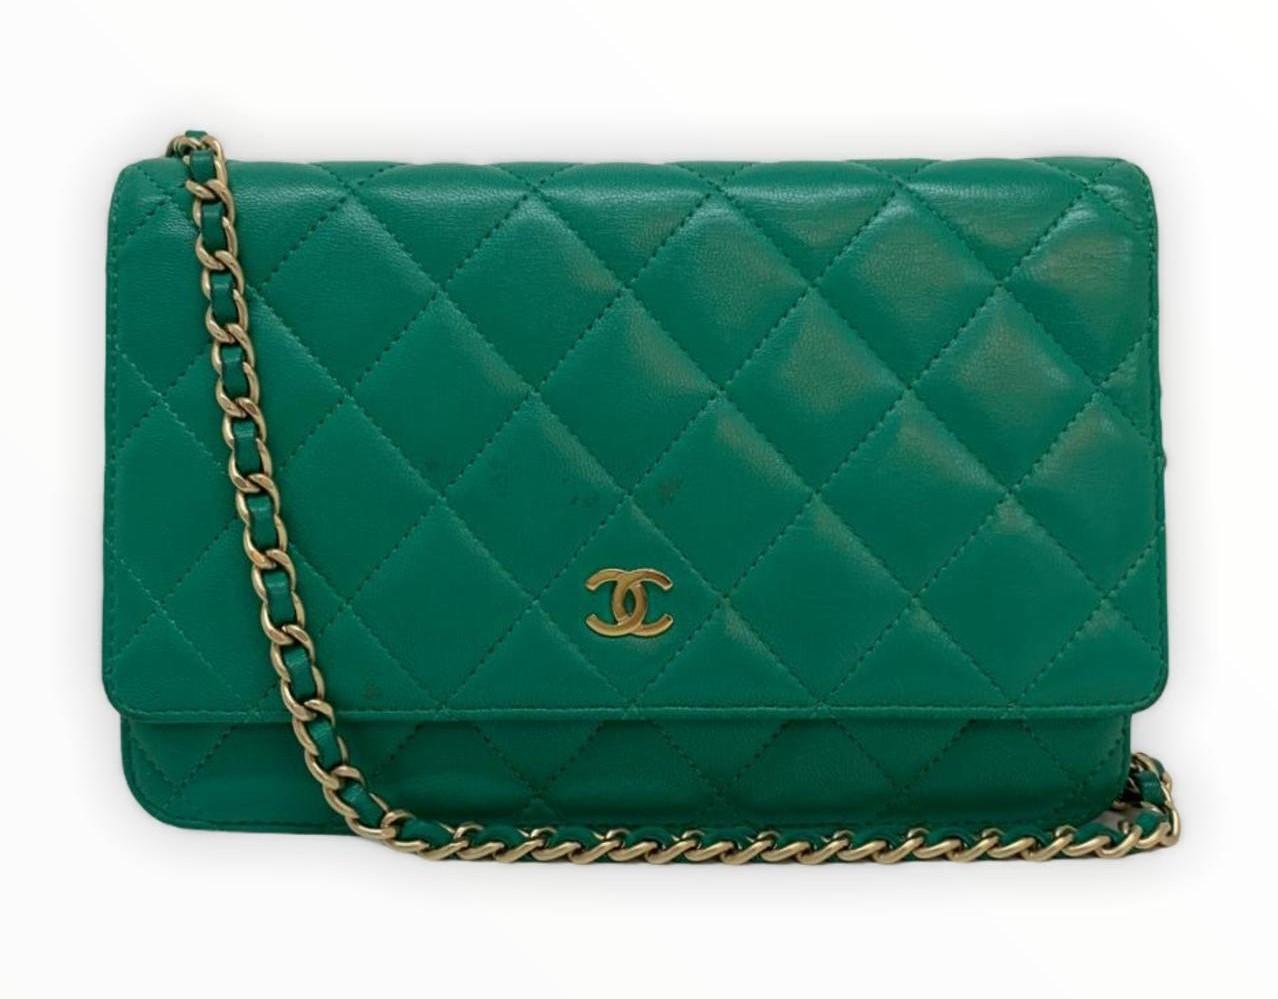 Bolsa Chanel WOC